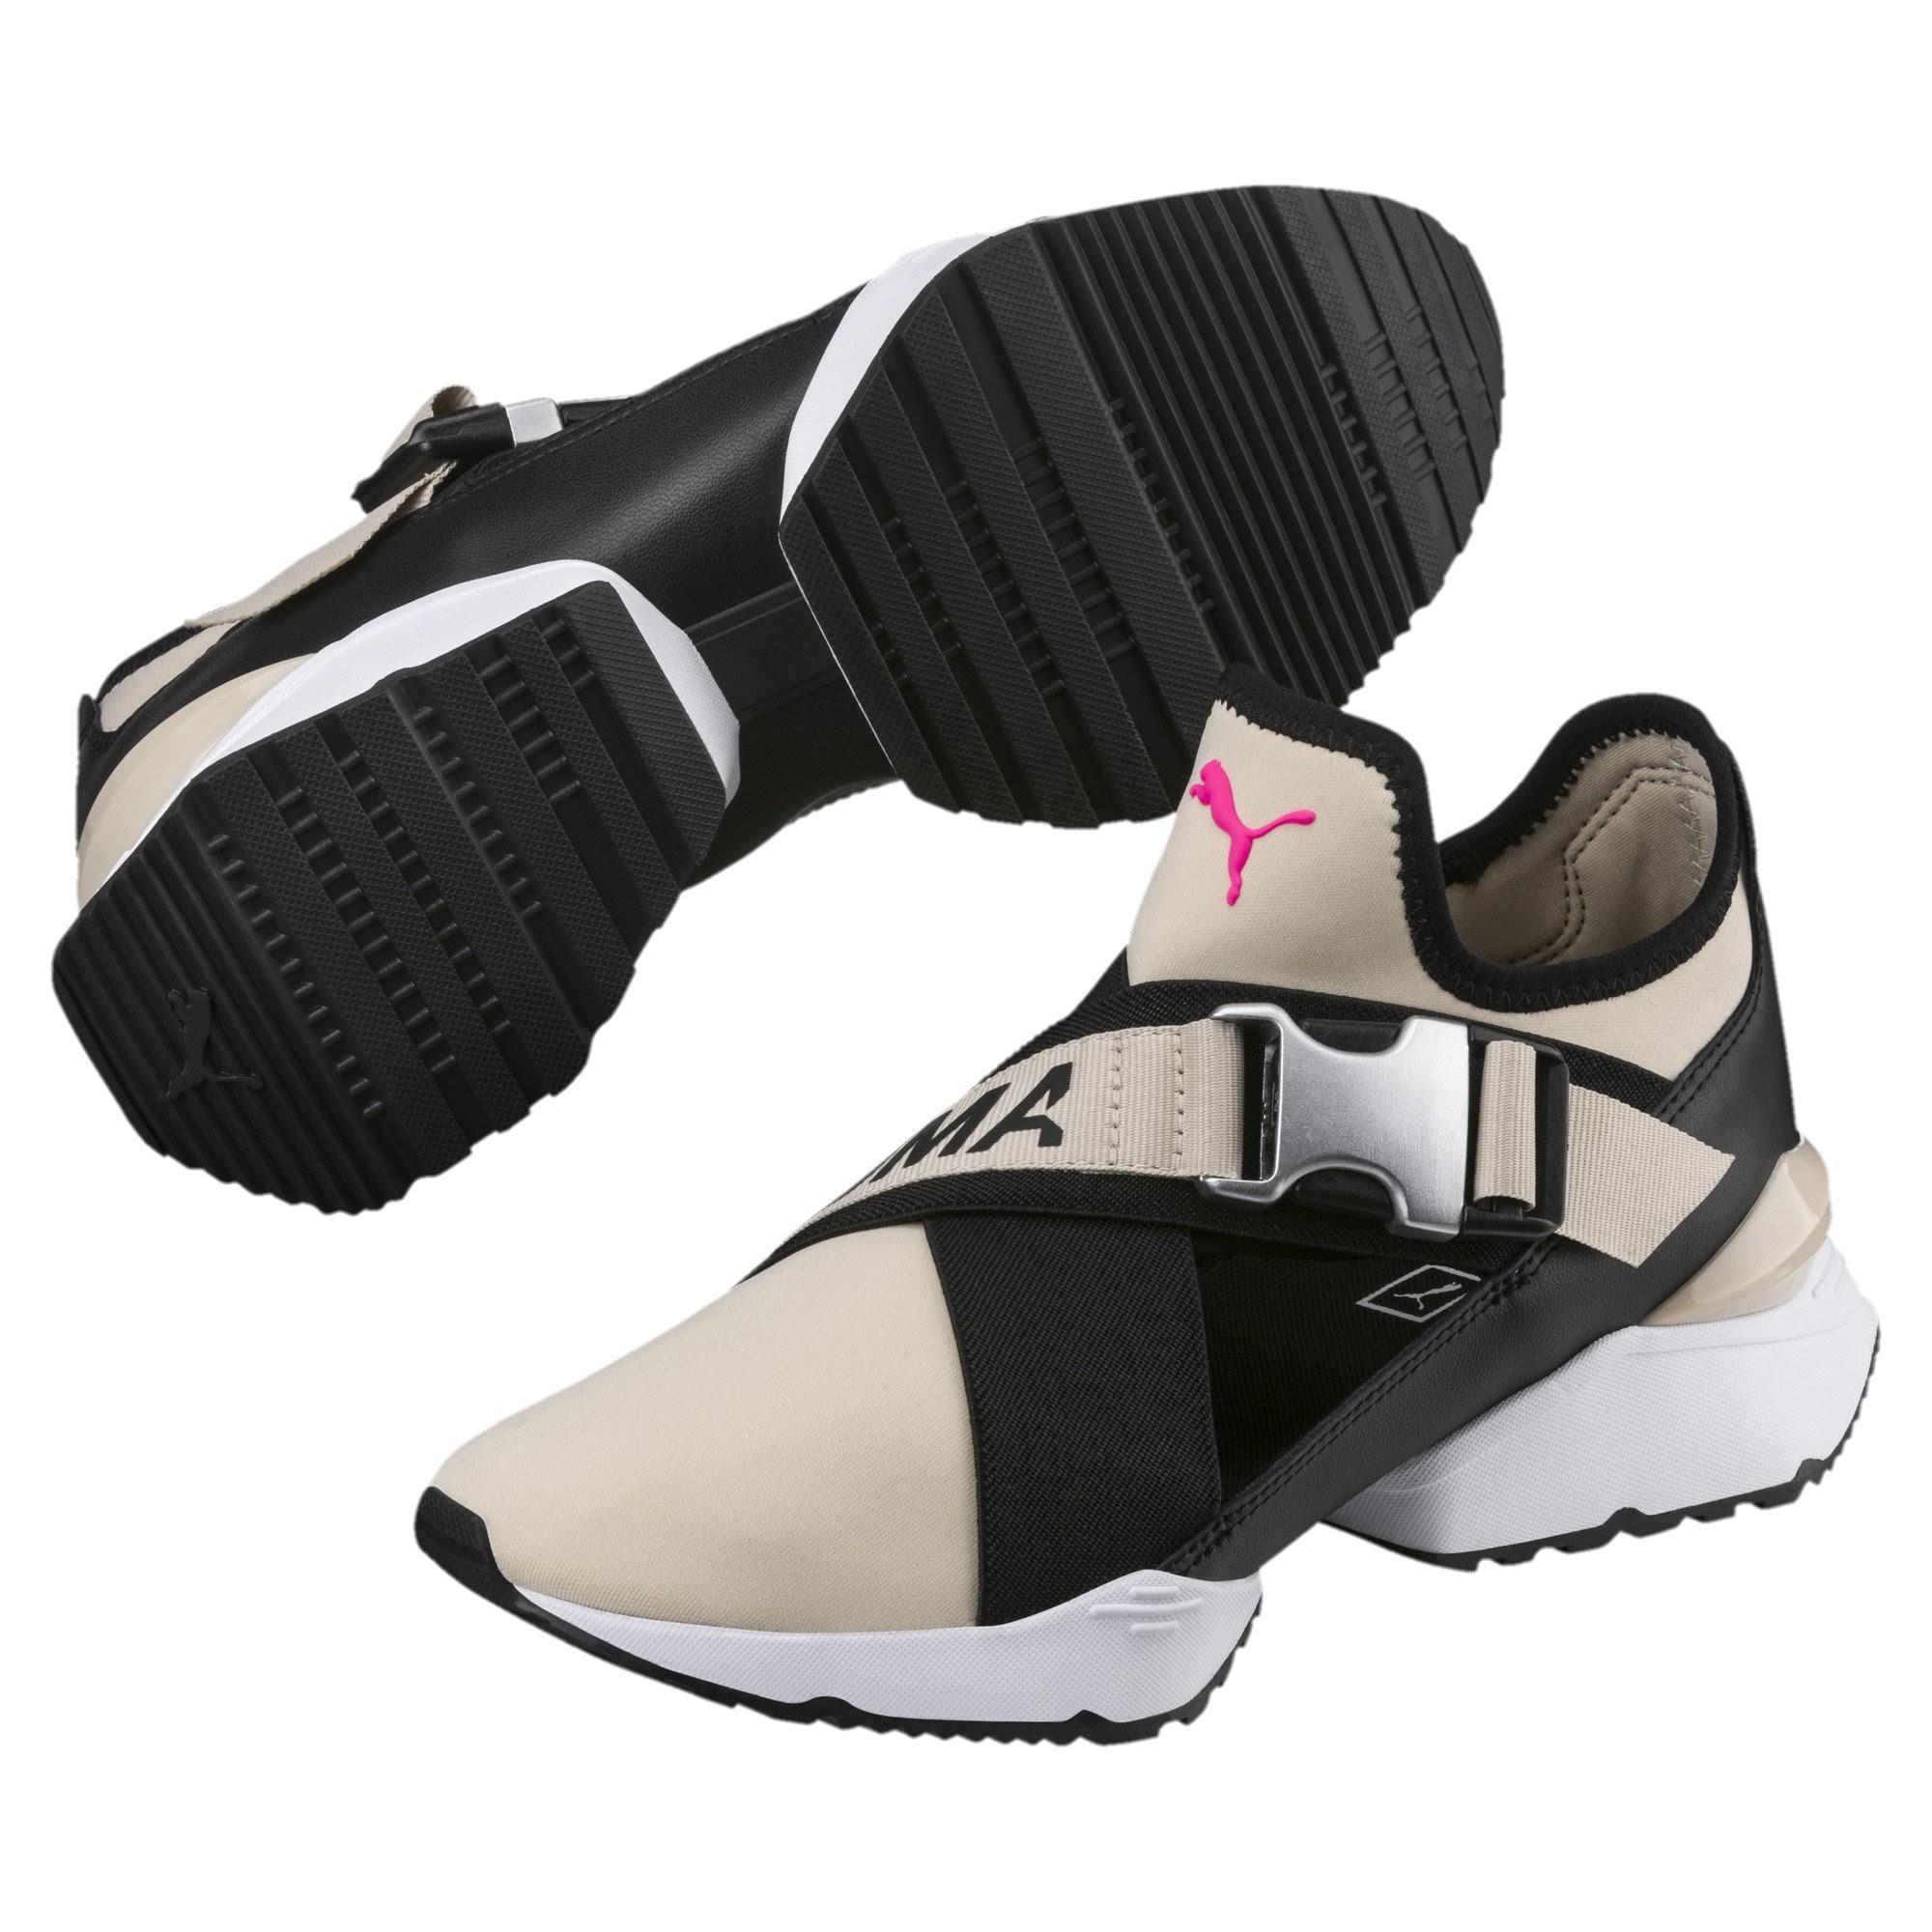 Para De Tamaño Muse Mujer 5 Eos Cemento 9 Baloncesto Zapatillas Puma wtAOq